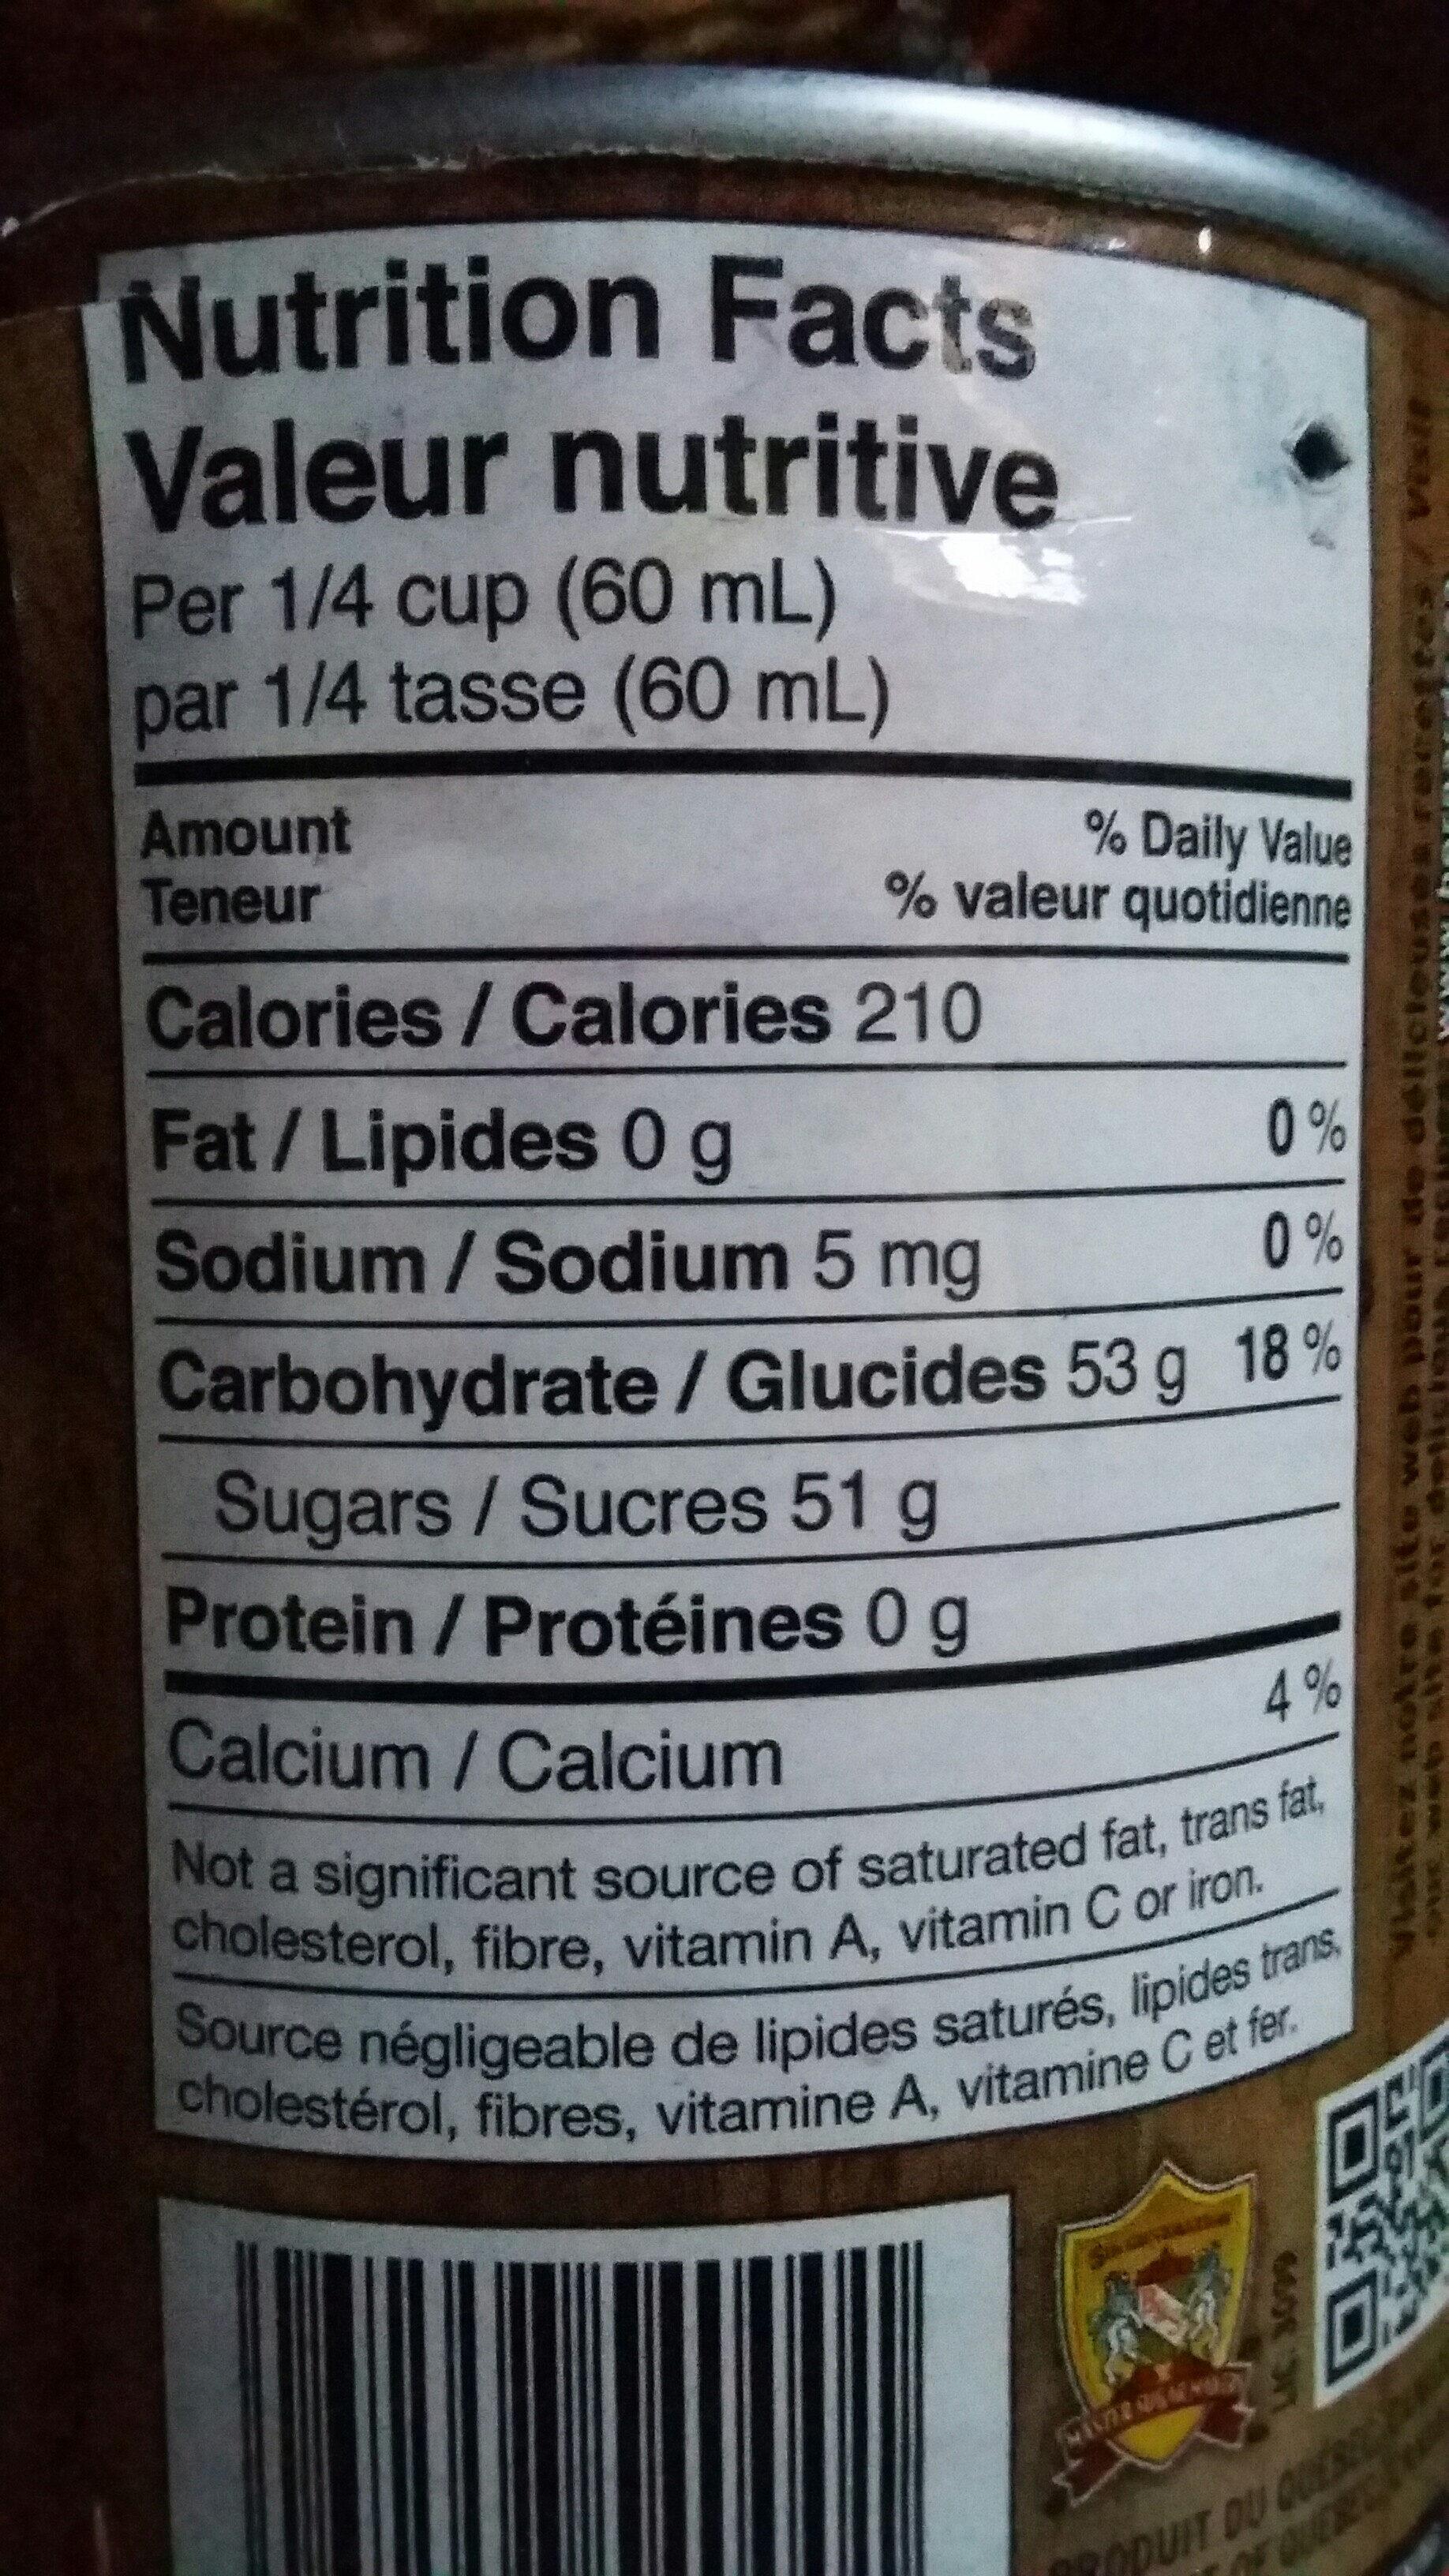 Sirop D'erable 540 ml - Voedingswaarden - fr